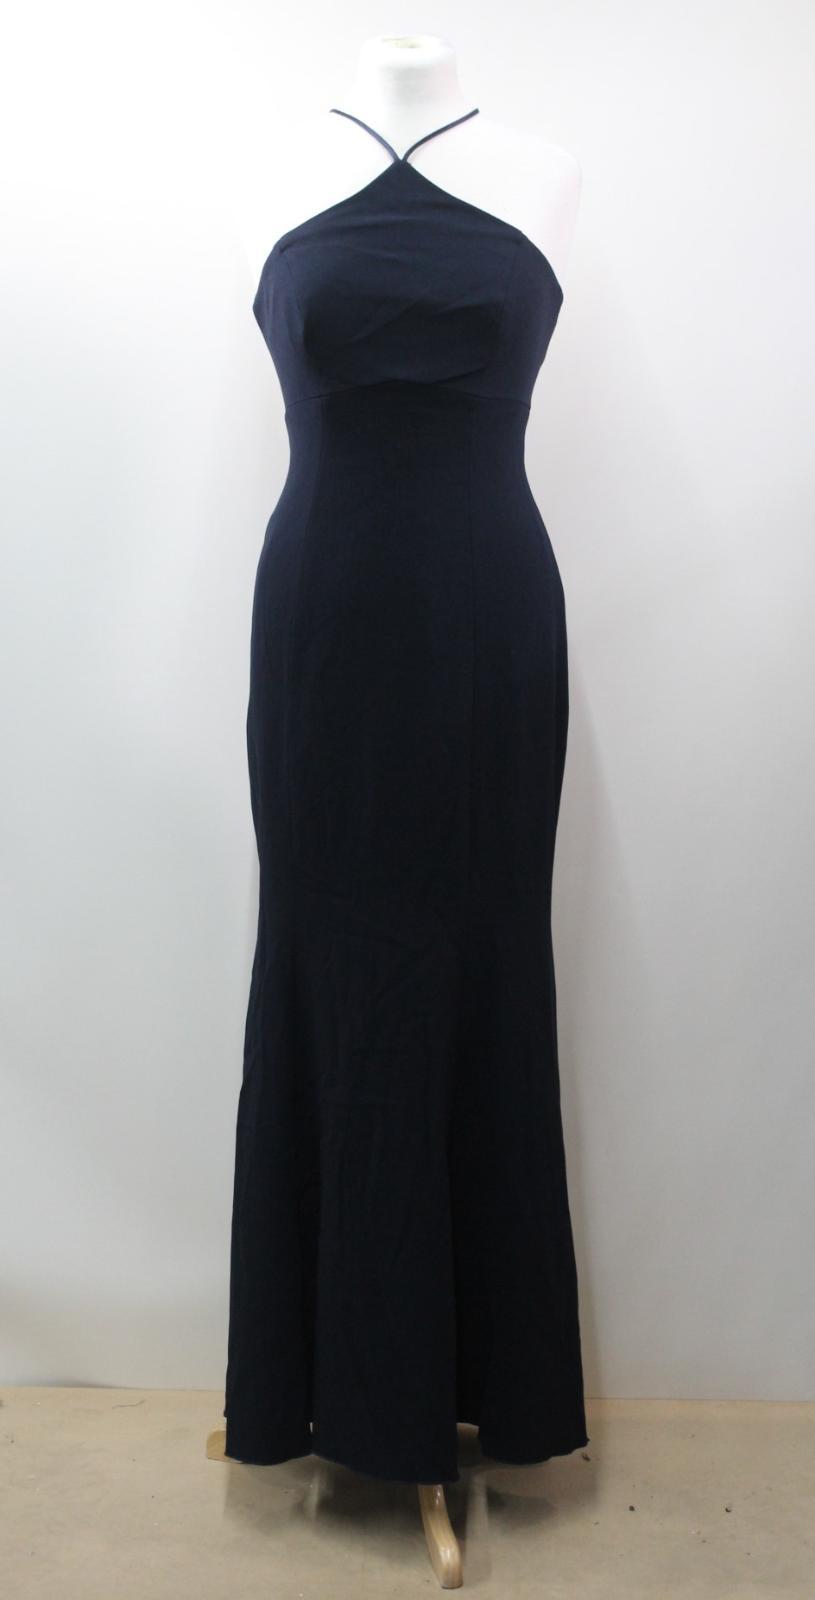 THEIA Ladies Navy Blau Halterneck Zip Zip Zip Up Full Length Maxi Dress UK10 US6 a0fc4c